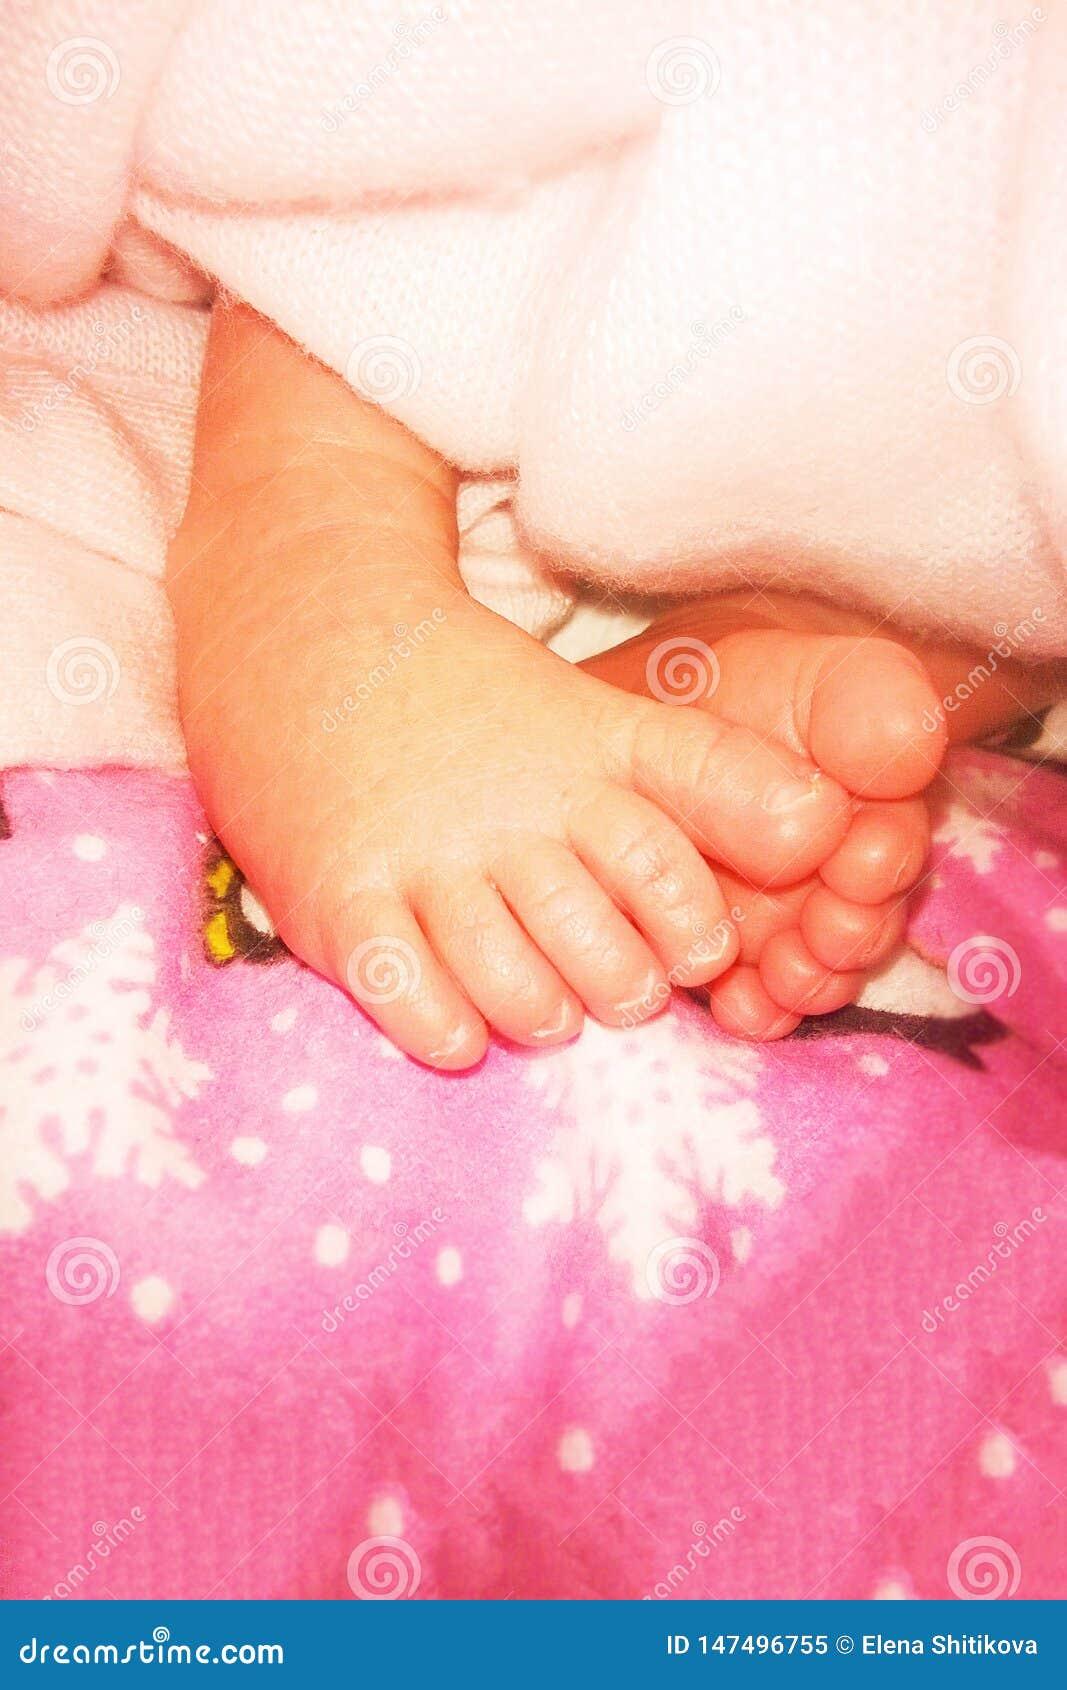 Piedi del bambino in pannolini Le prime settimane di vita